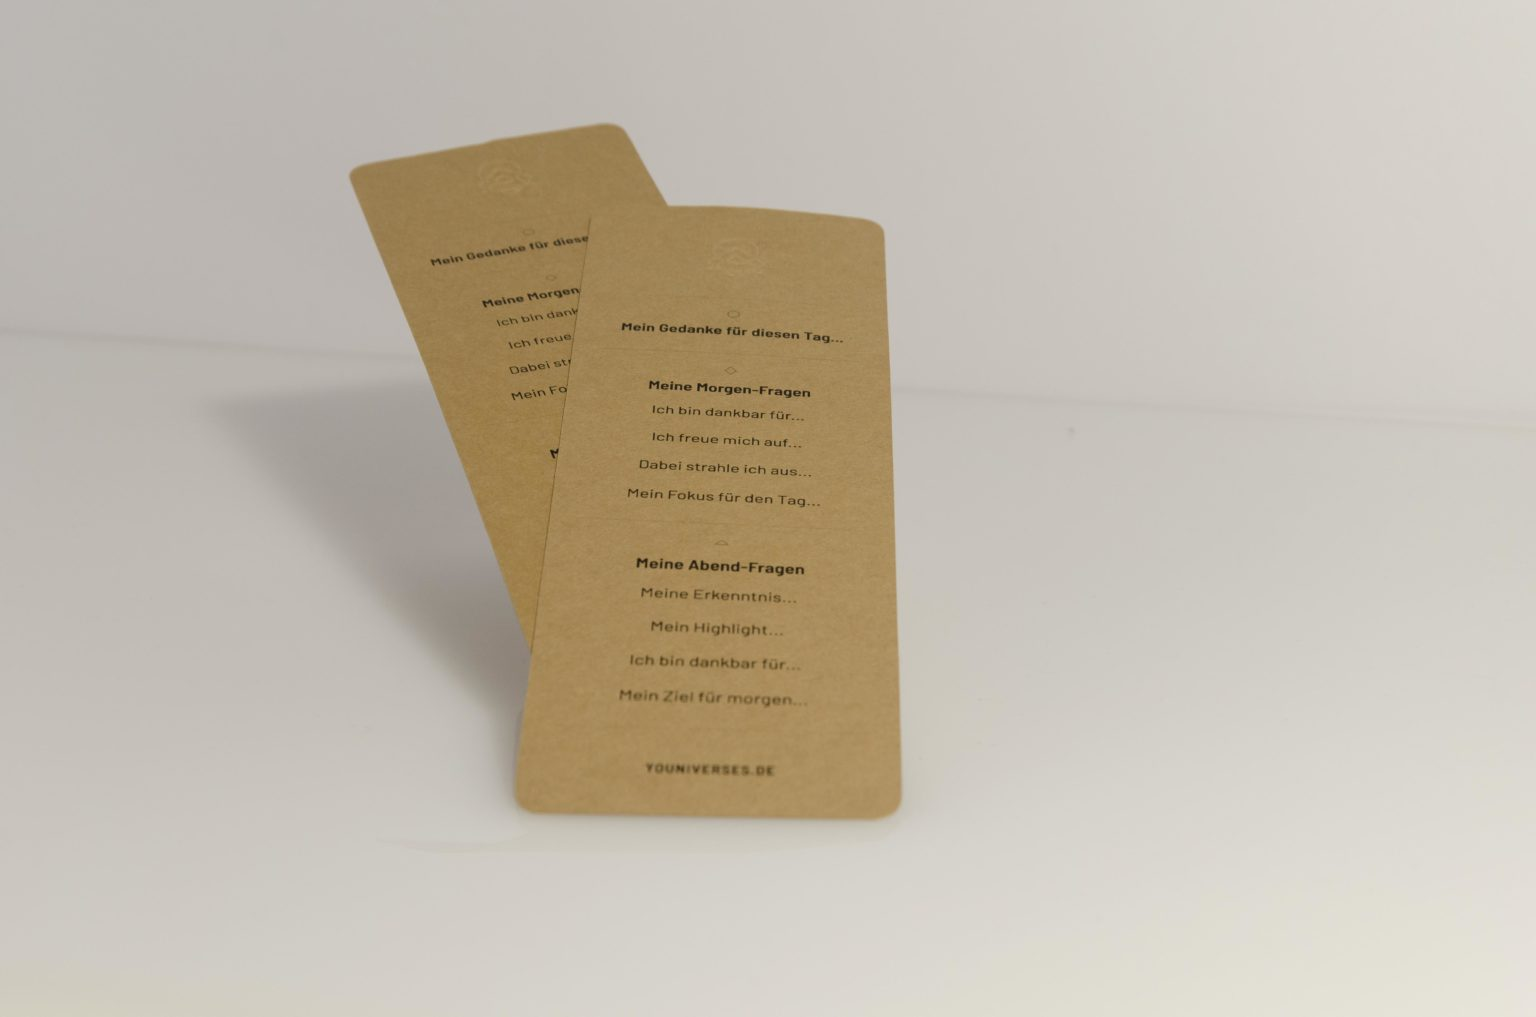 Das Journaling-Tool zum journaln, fokussieren, um ein Dankbarkeitspraxis und eine Routine in den Alltag zu integrieren. Das JOURNAL, das flexible Buch zum journaln, fokussieren, um ein Dankbarkeitspraxis und eine Routine in den Alltag zu integrieren. Journal. YOUNIVERSES Atelier für achtsames & spirituelles Design, Herdwangen-Schönach, Pfullendorf, Sigmaringen, Überlingen. Womenhood. Weiblichkeit. Female empowerment. Kunsthalle Kleinschönach.